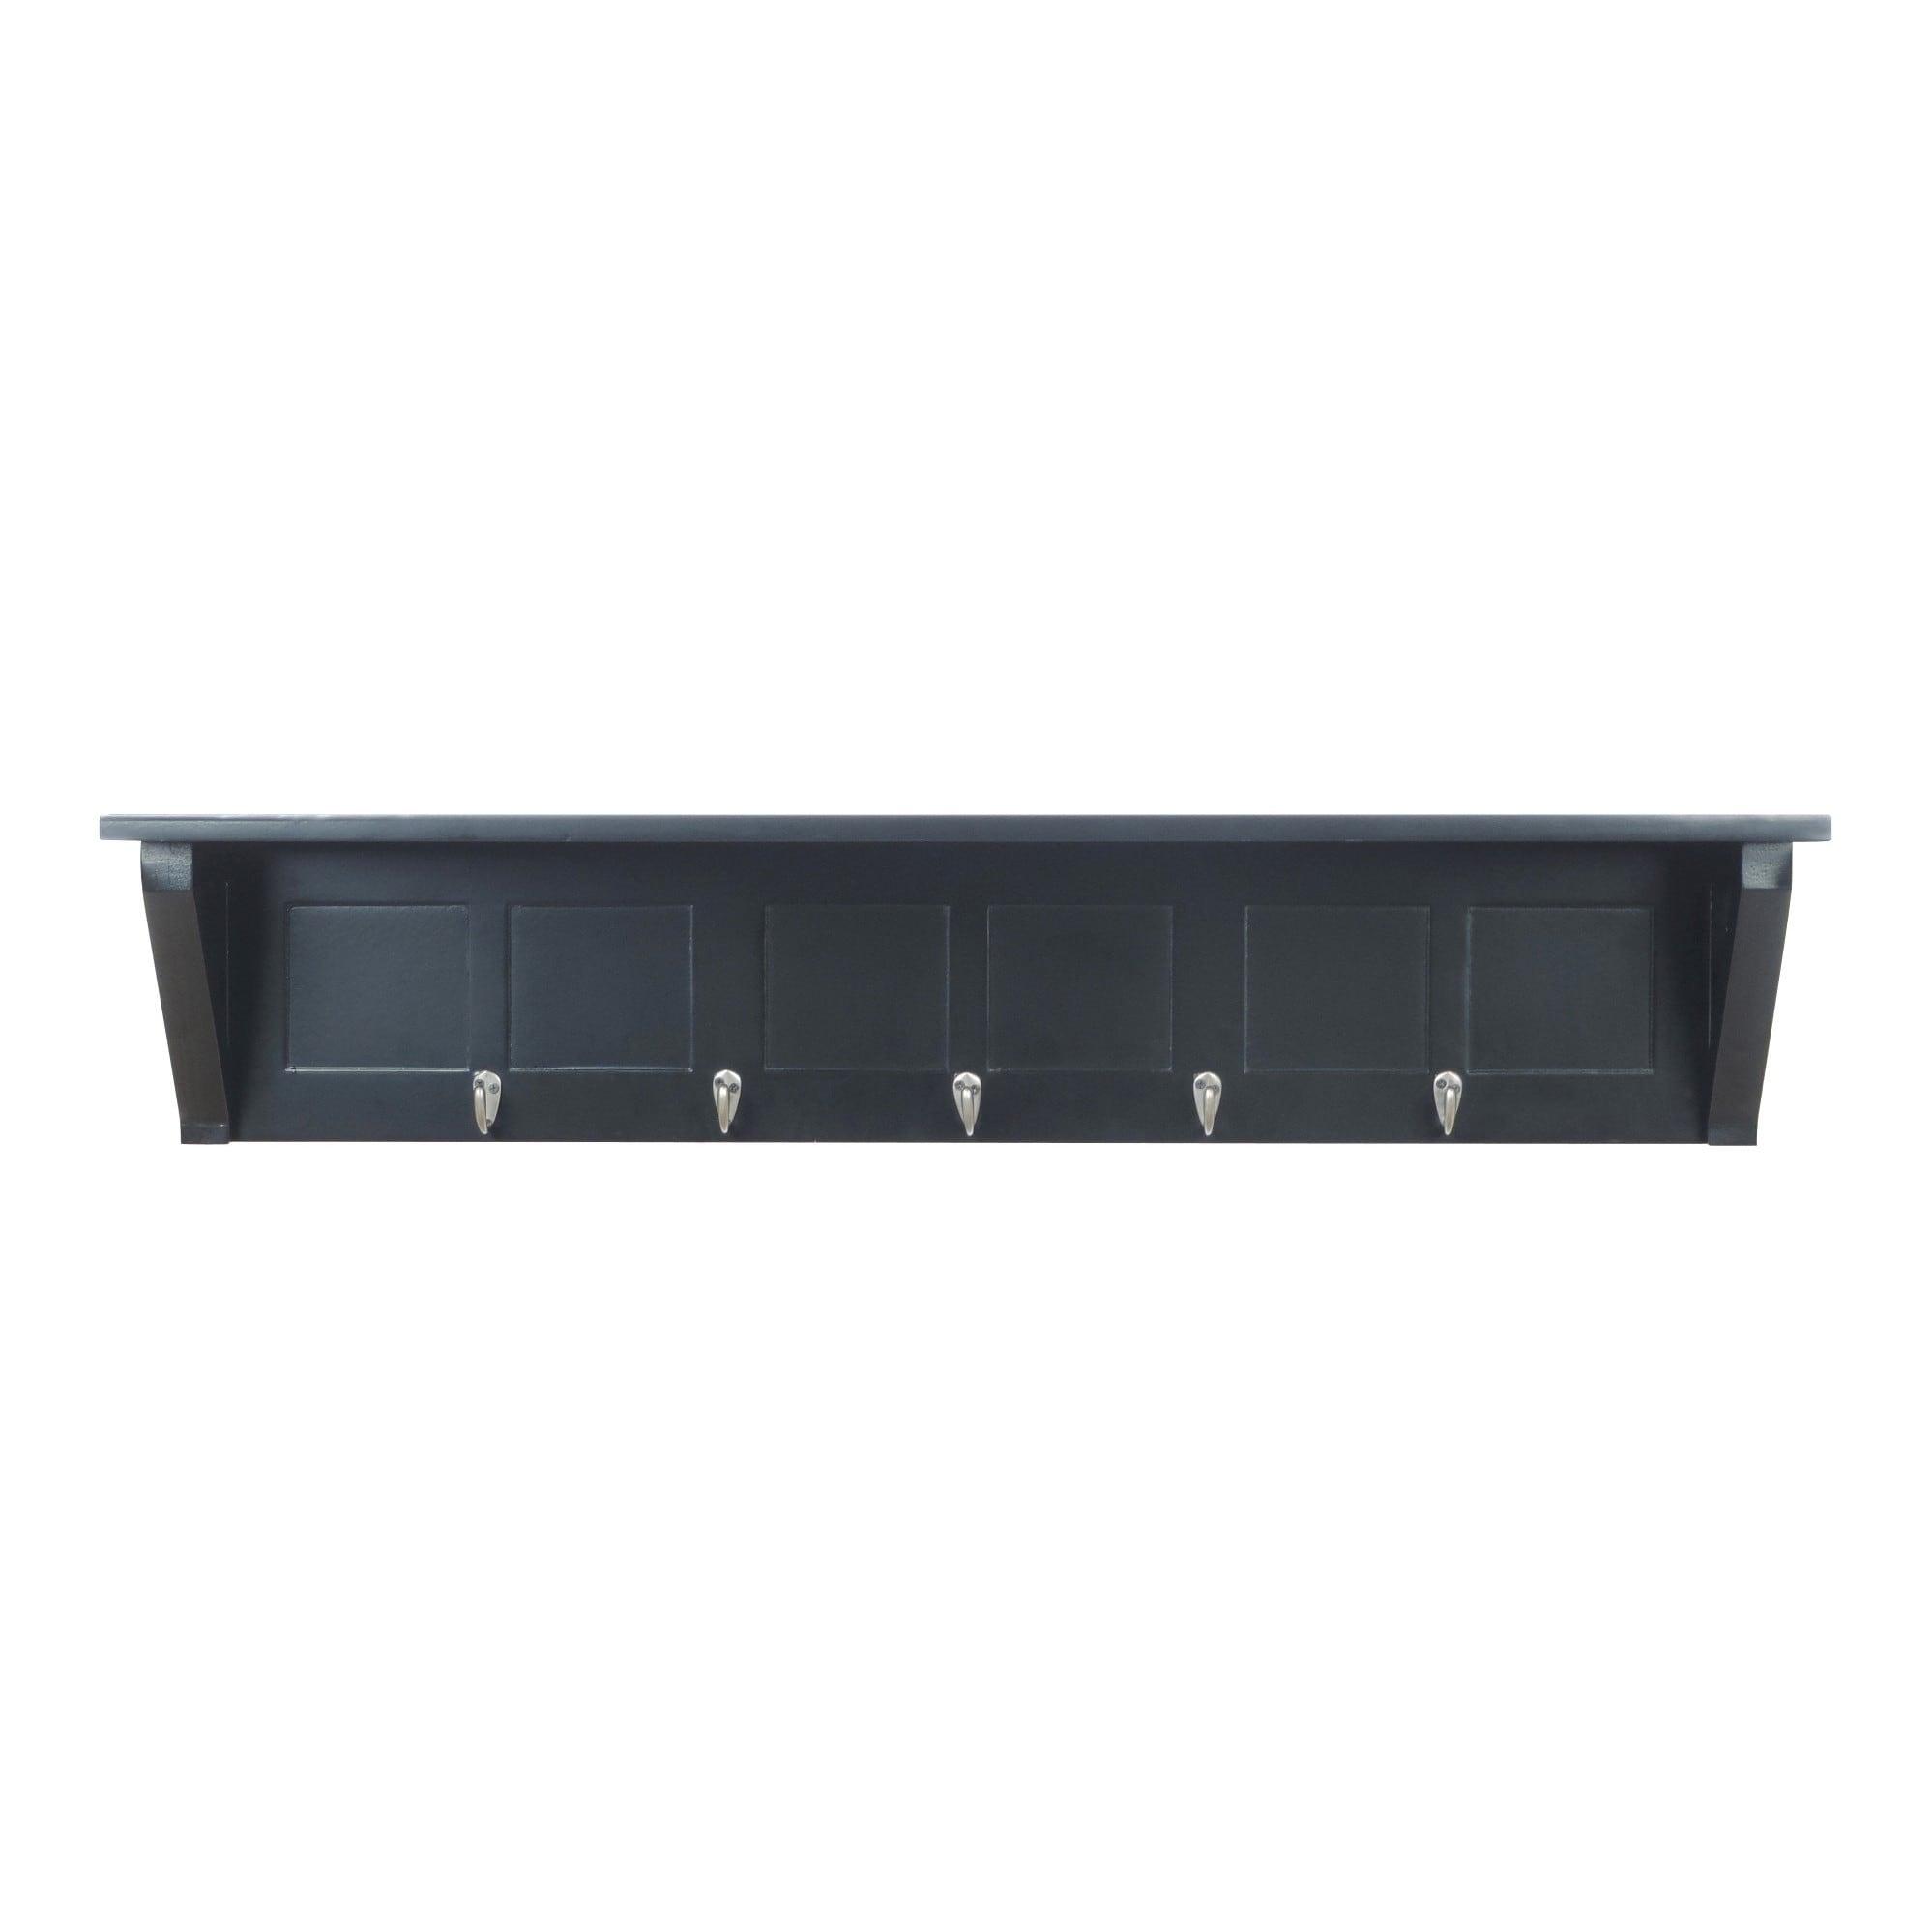 Metal 40 Inch Wall Shelf